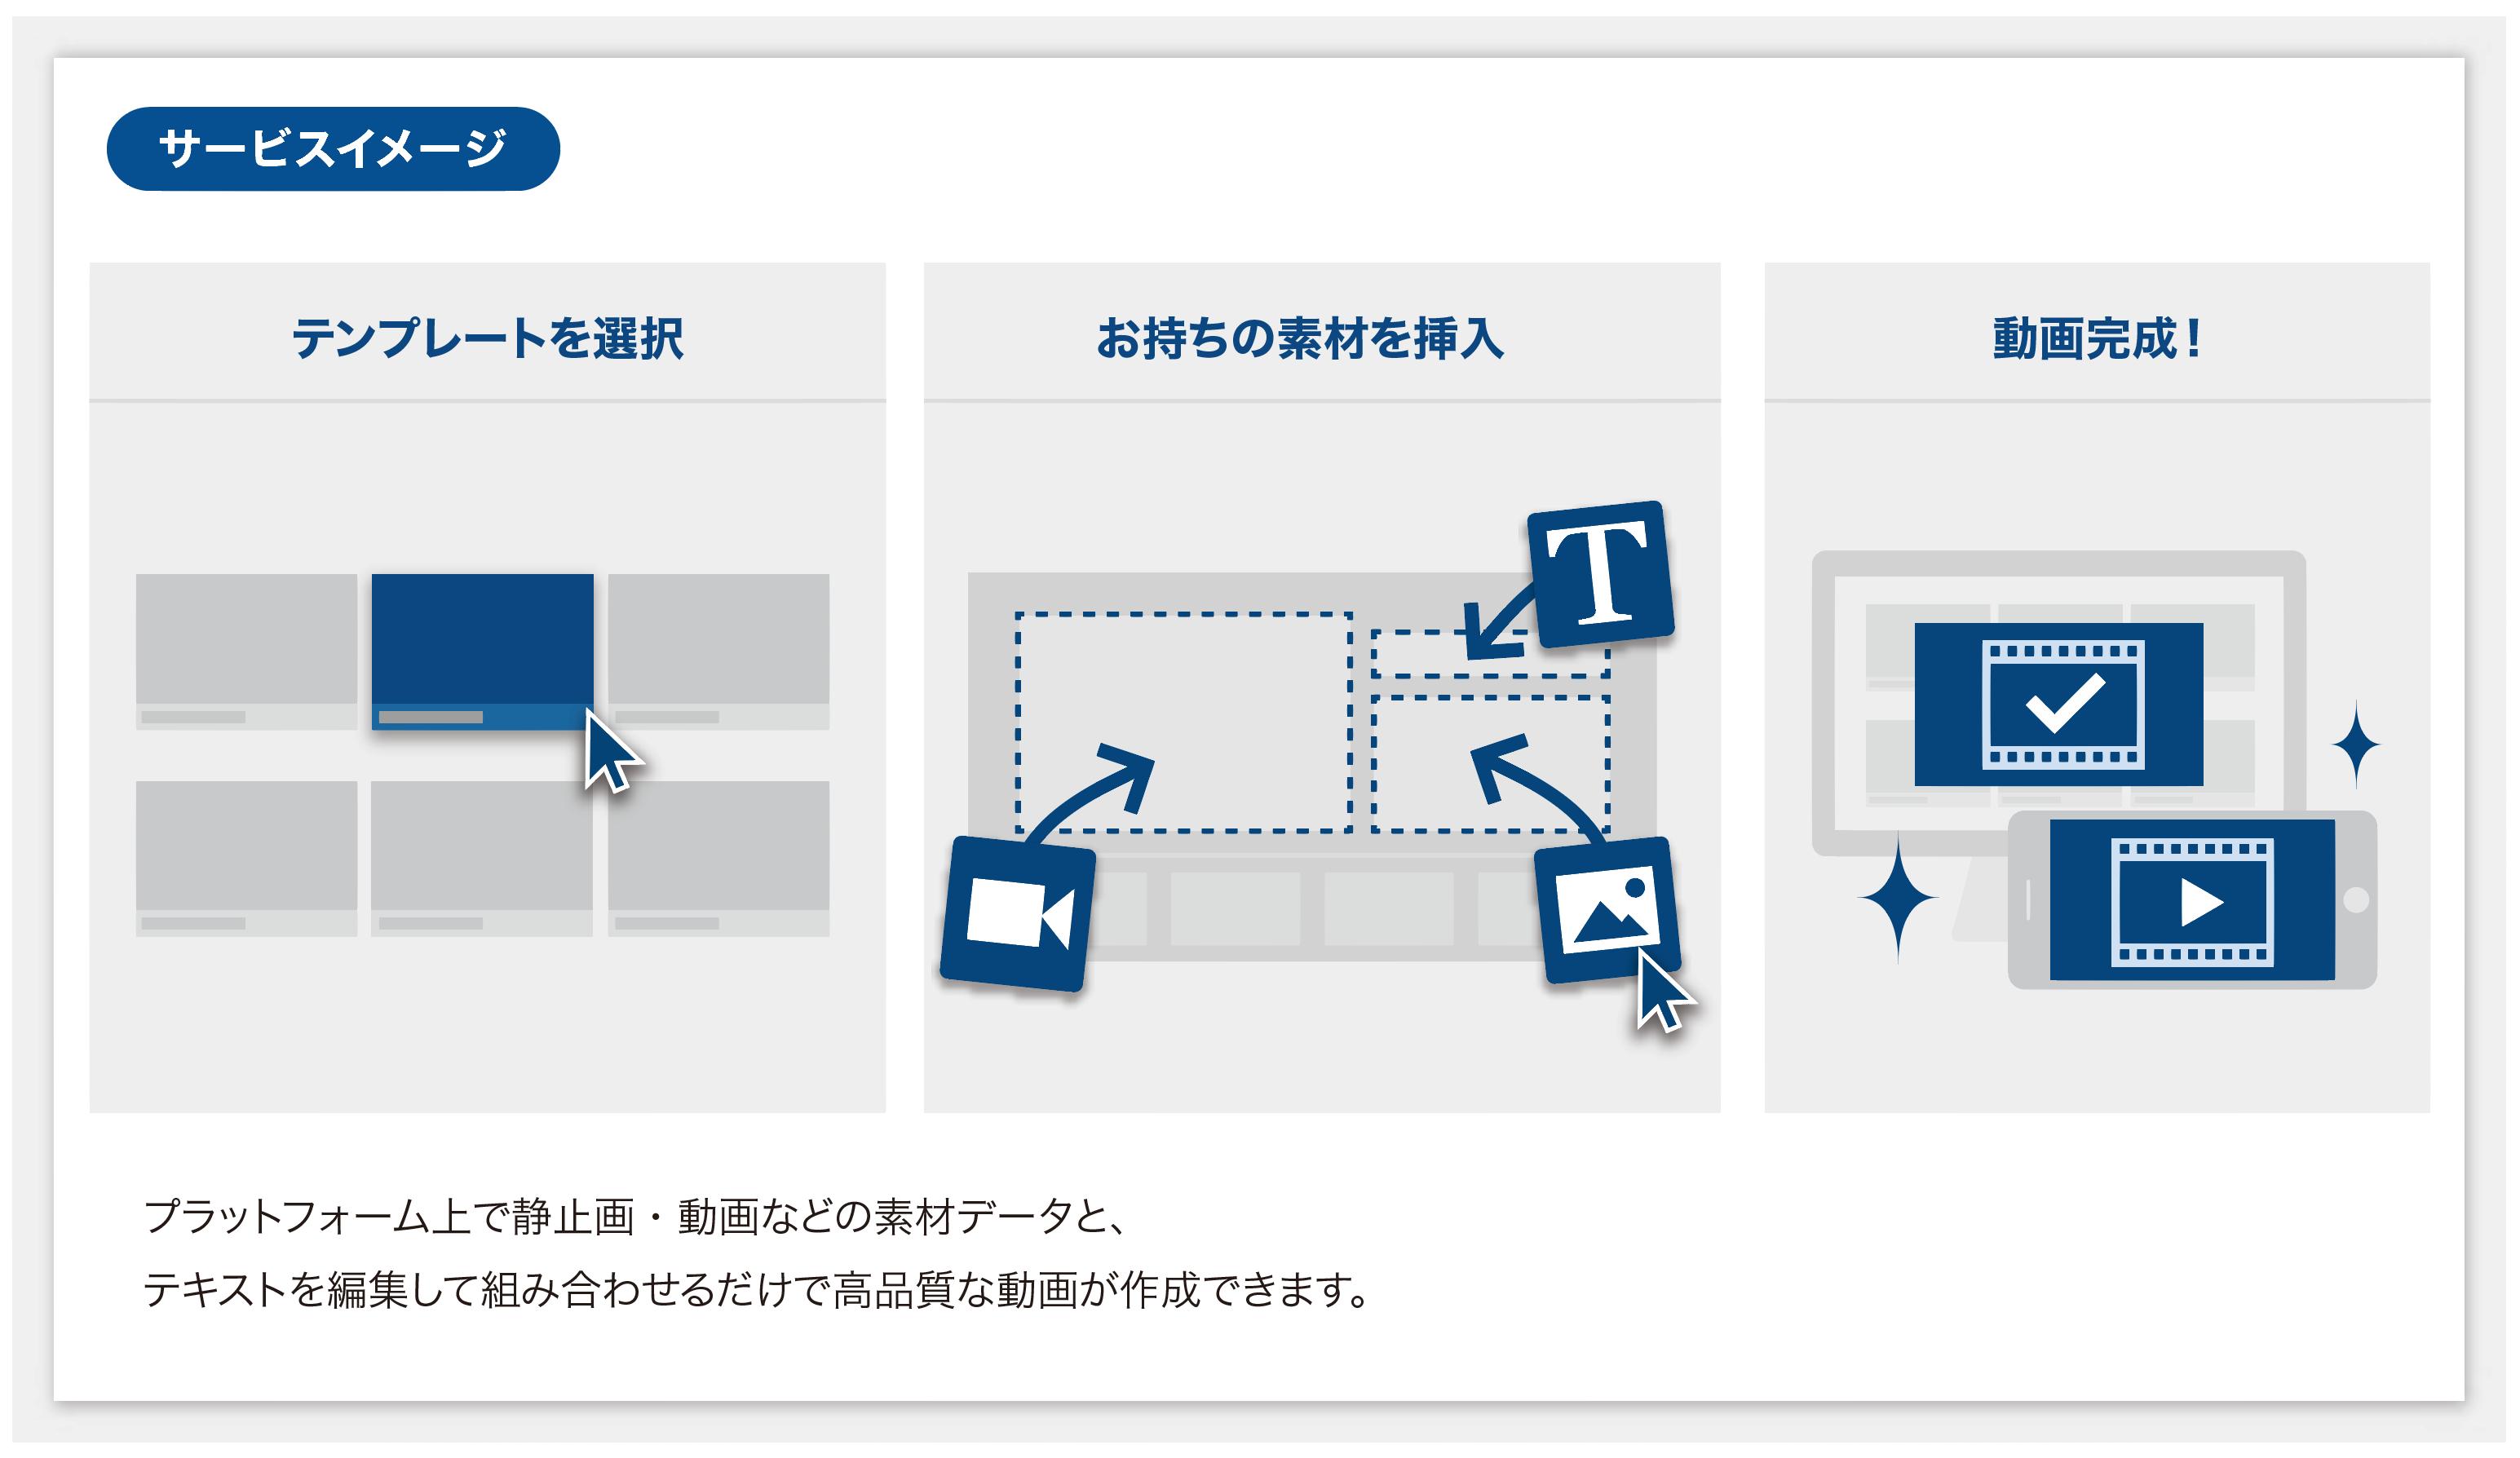 VideoCraft_flow